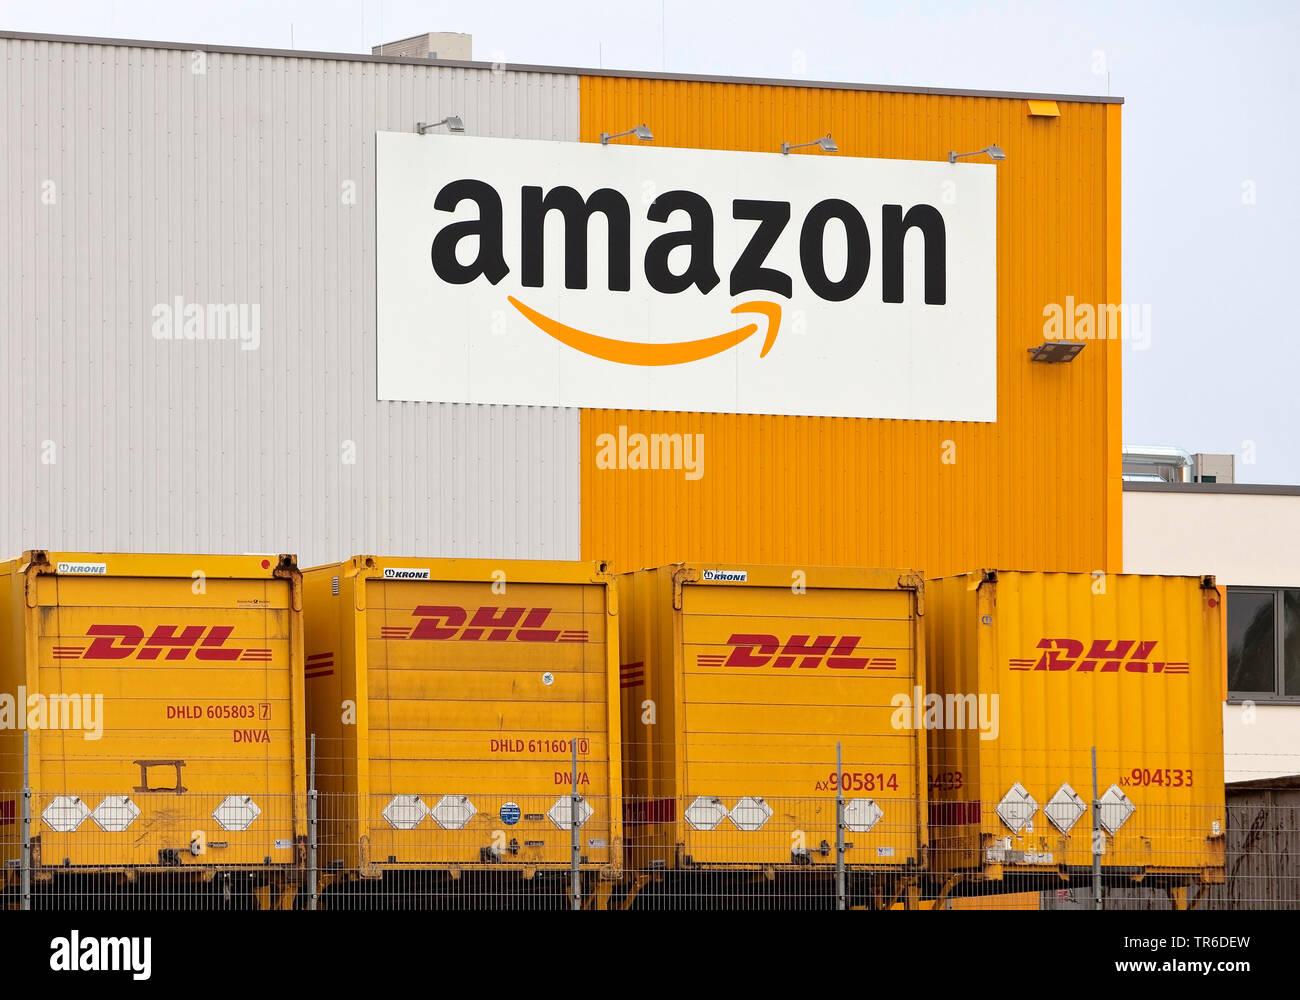 Amazon Logistikzentrum DTM2 in Dortmund auf dem Gelaende der ehemaligen Westfalenhuette, Deutschland, Nordrhein-Westfalen, Ruhrgebiet, Dortmund | amaz - Stock Image